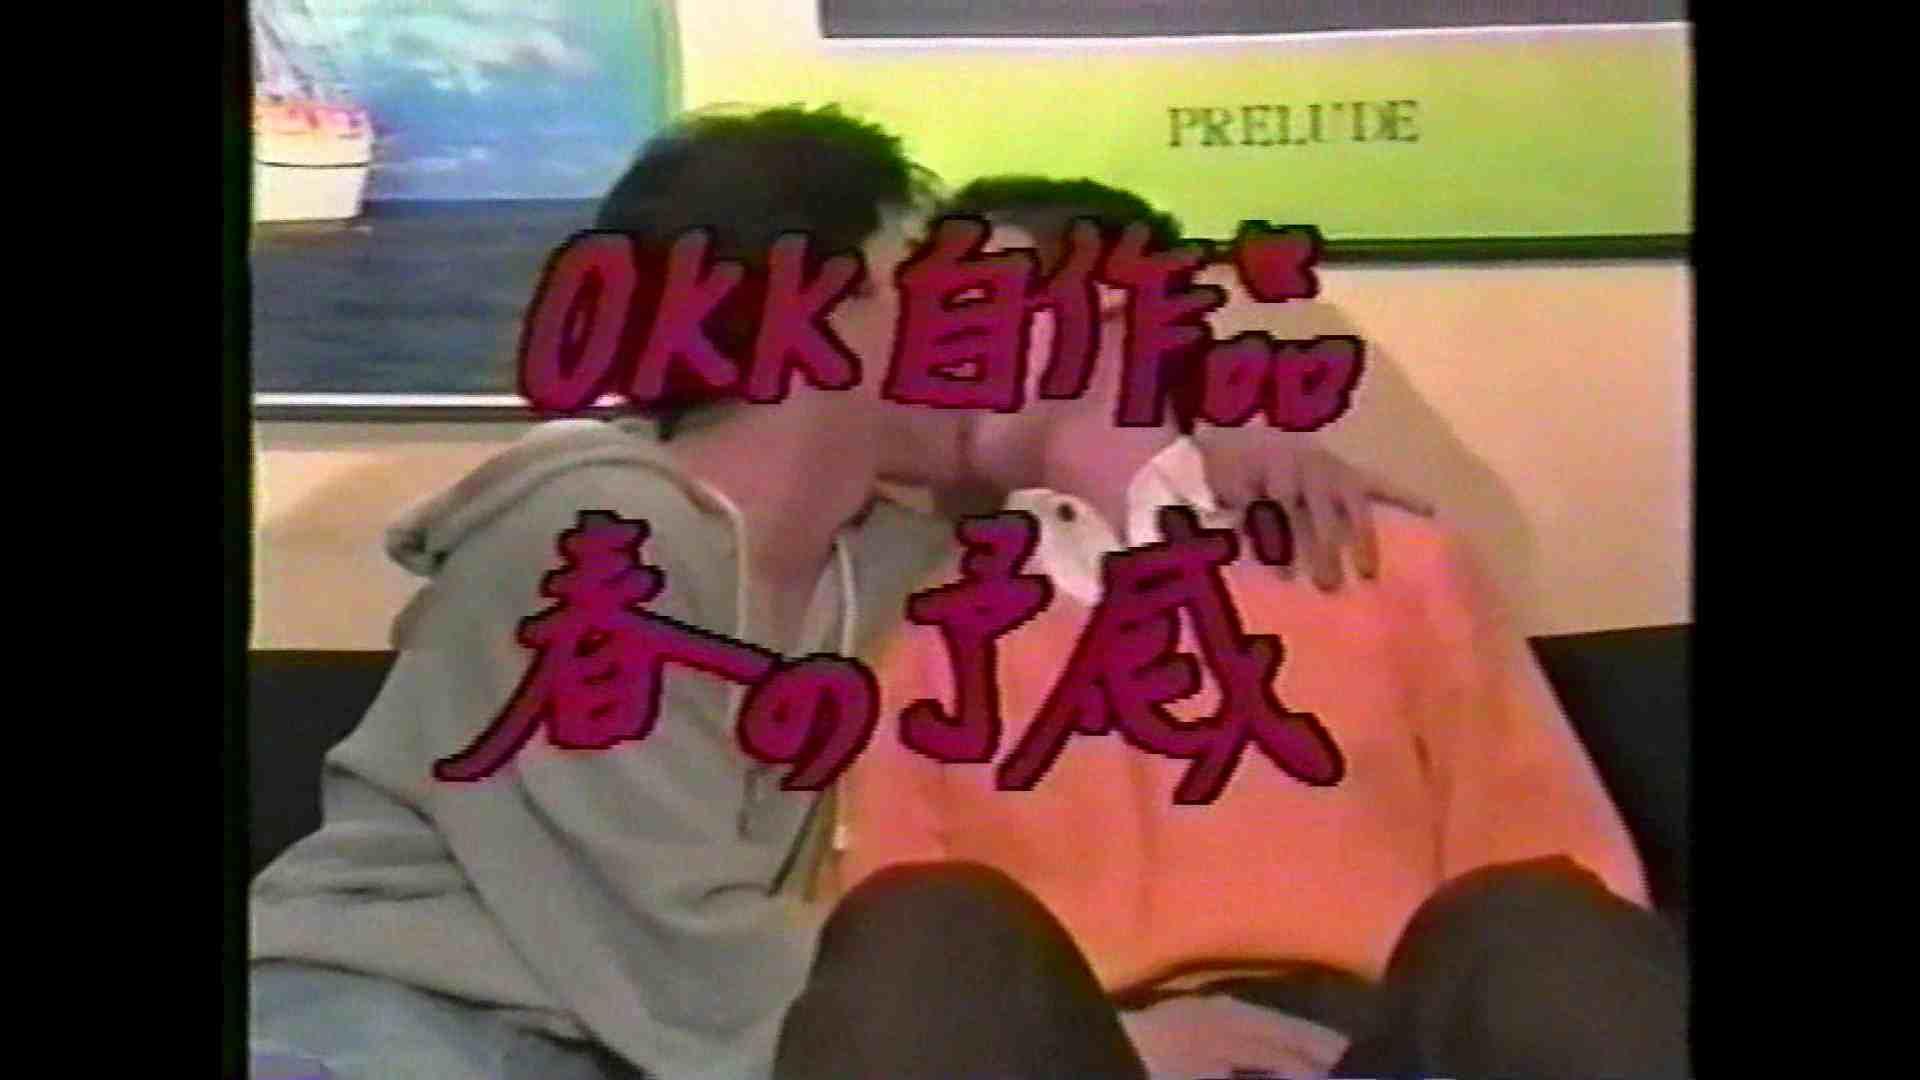 MADOKAさんのズリネタコレクションVol.2-1 フェラDE絶頂 | オナニー特集  80pic 27